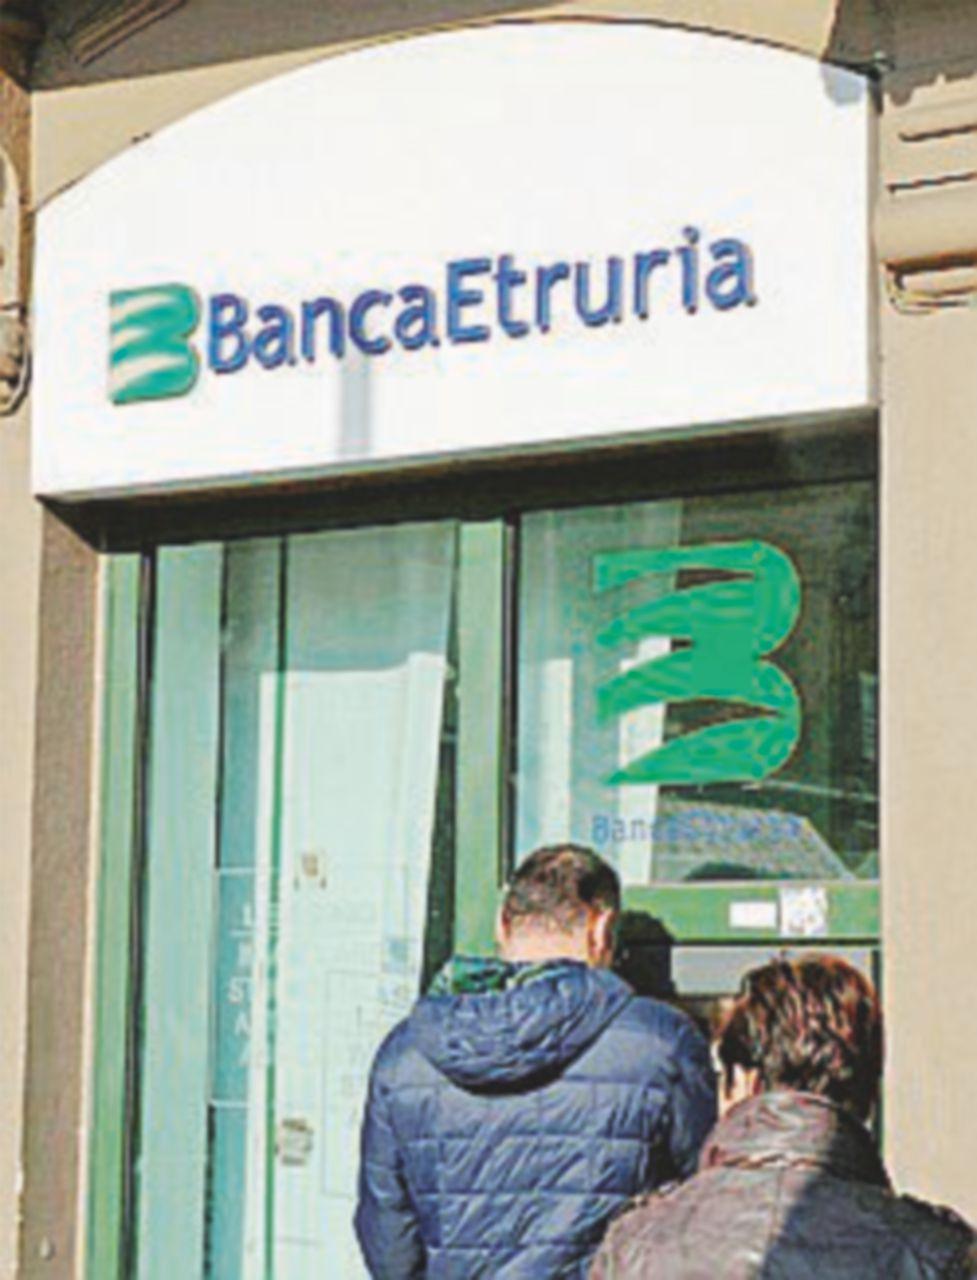 Etruria, inchiesta sulla bancarotta, chiesto il processo per 21 manager